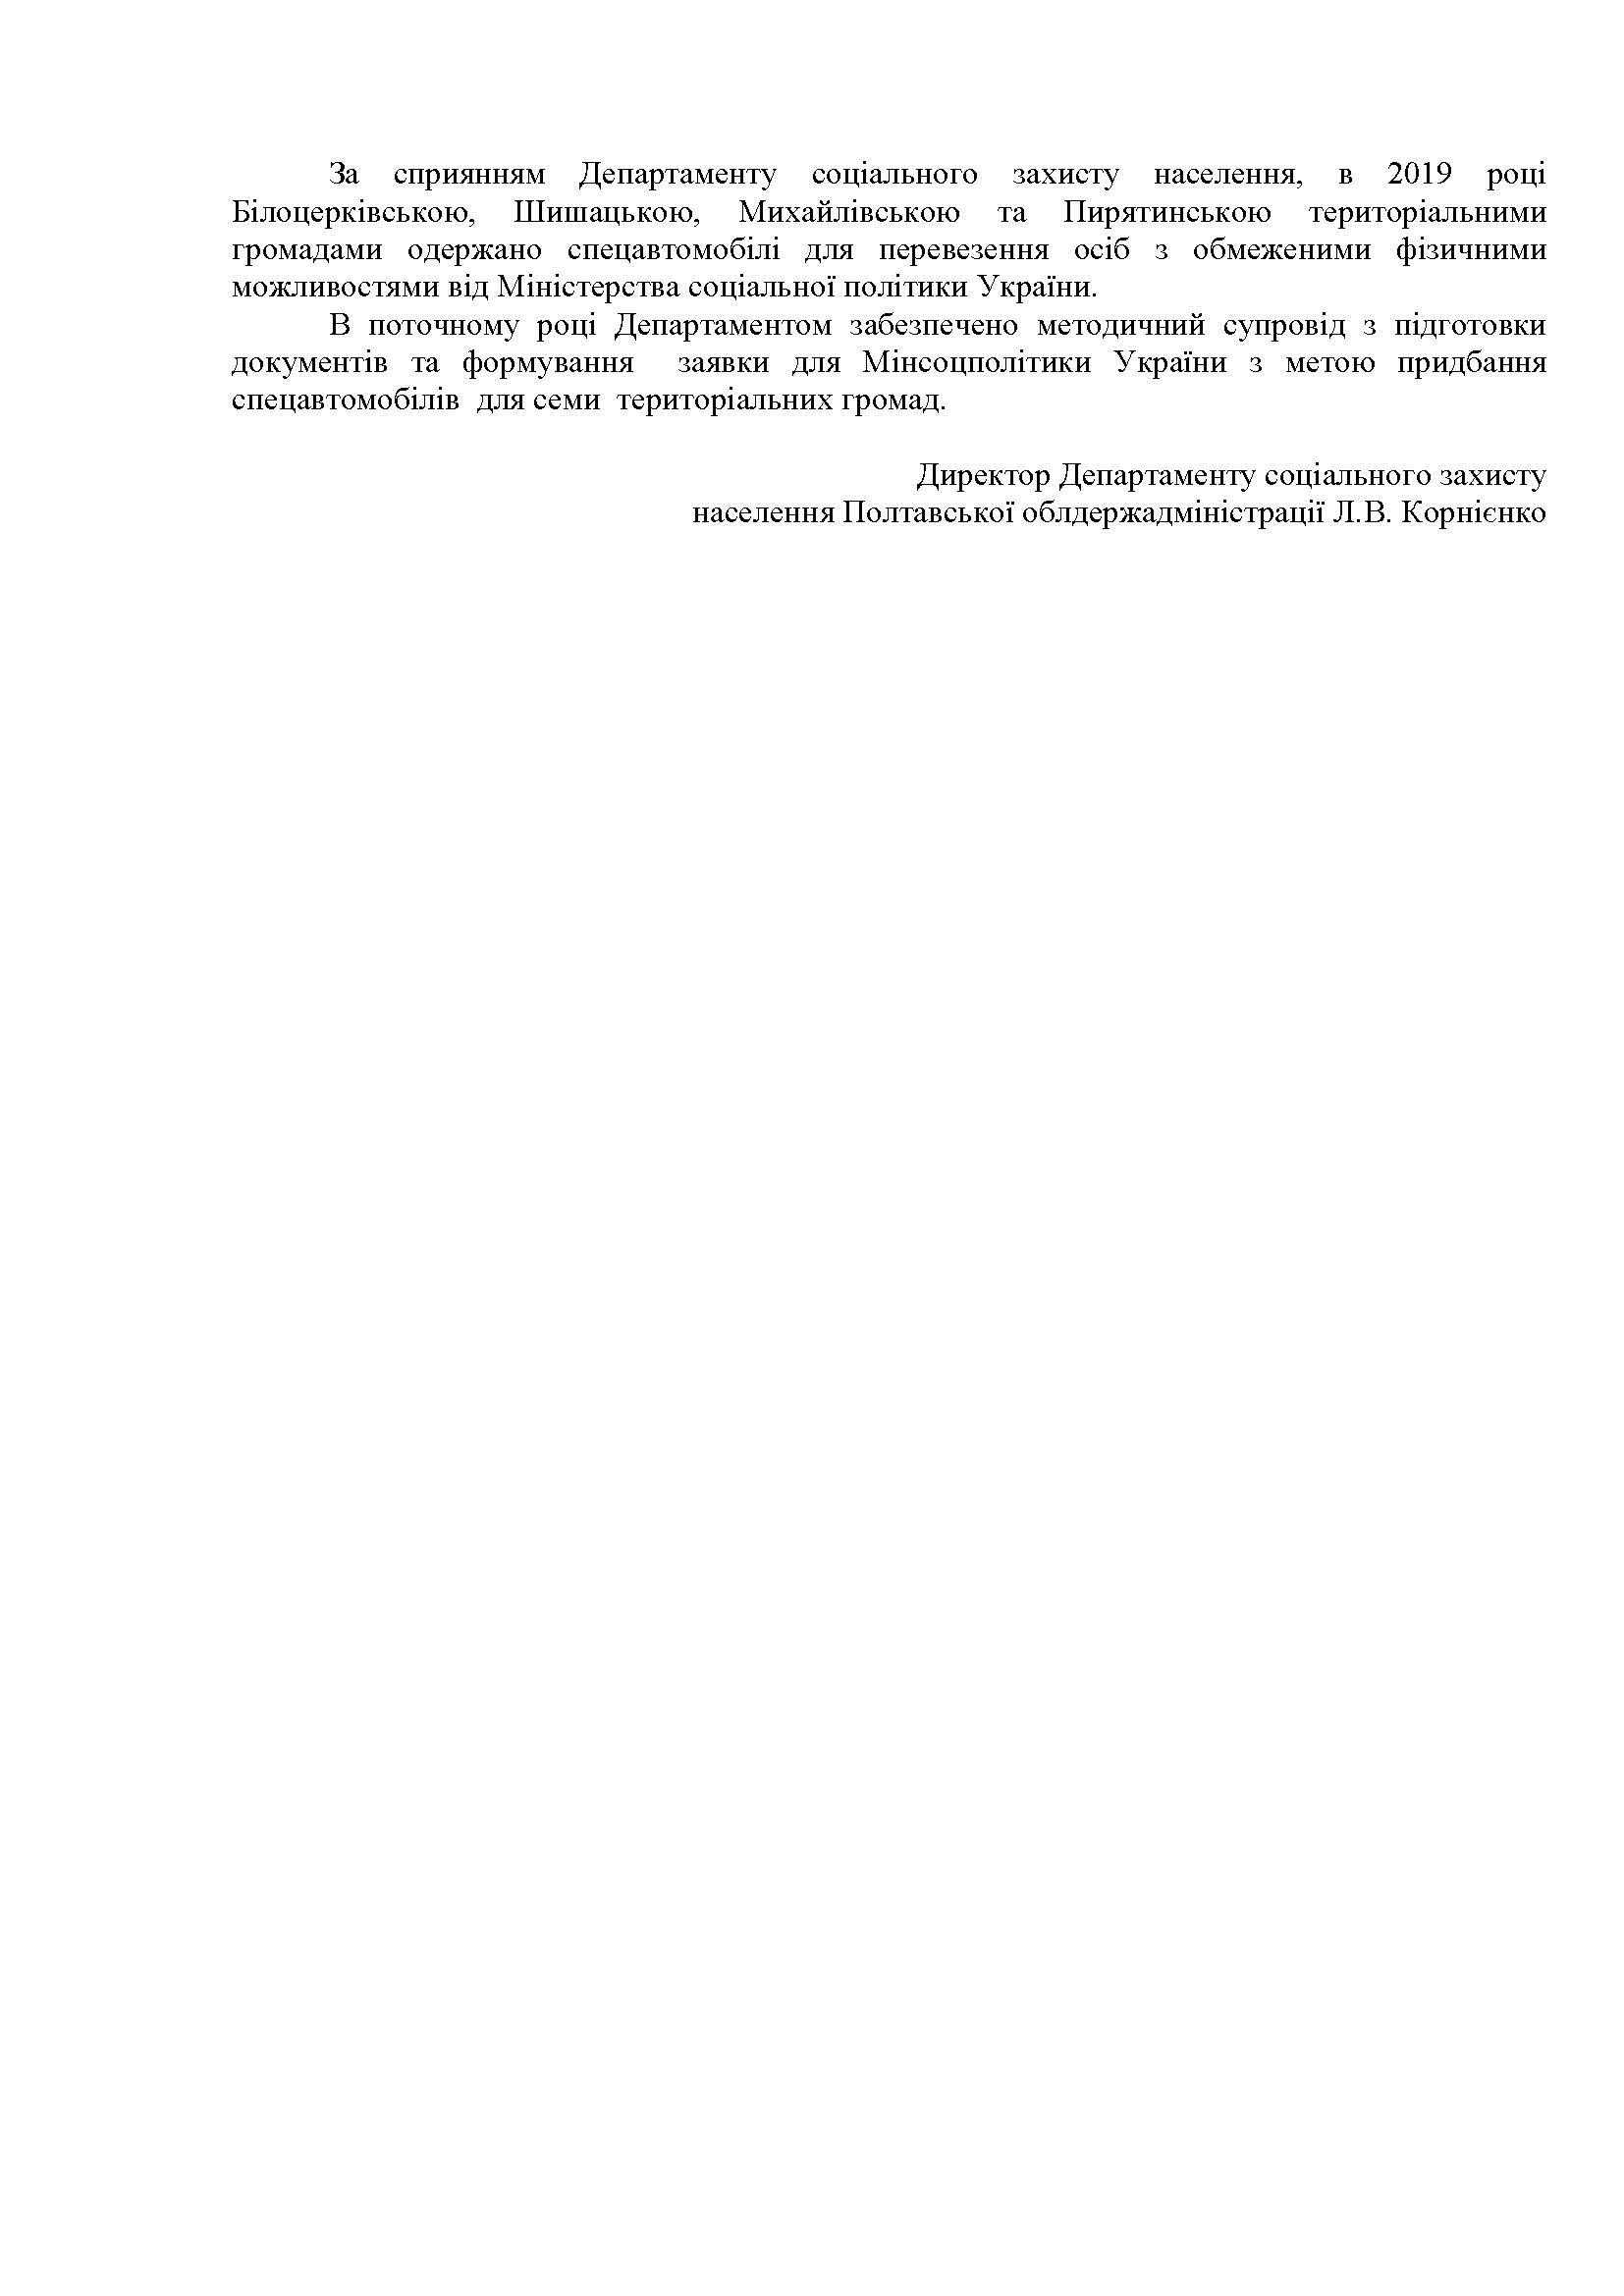 20.04.21_03.1-11-150_соціальні_питання_ТГ_Страница_3